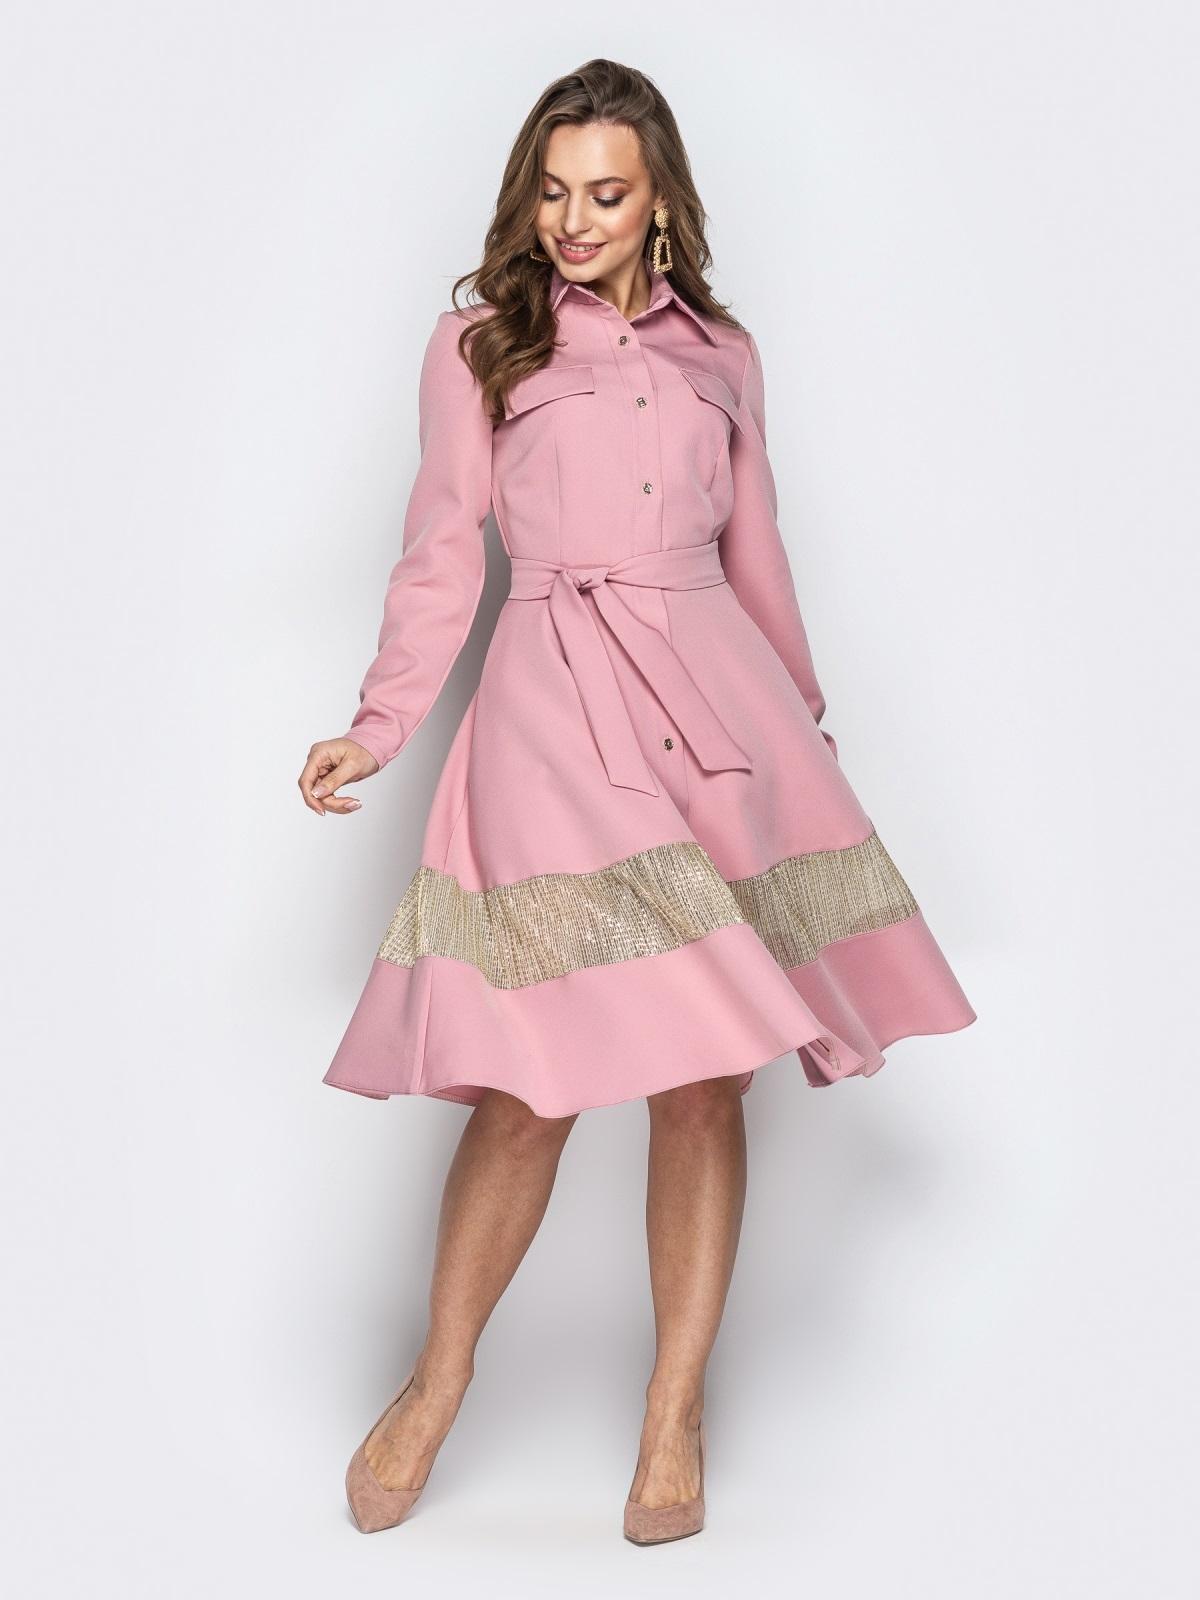 Пудровое платье-рубашка с юбкой-полусолнце и карманами - 21334, фото 1 – интернет-магазин Dressa